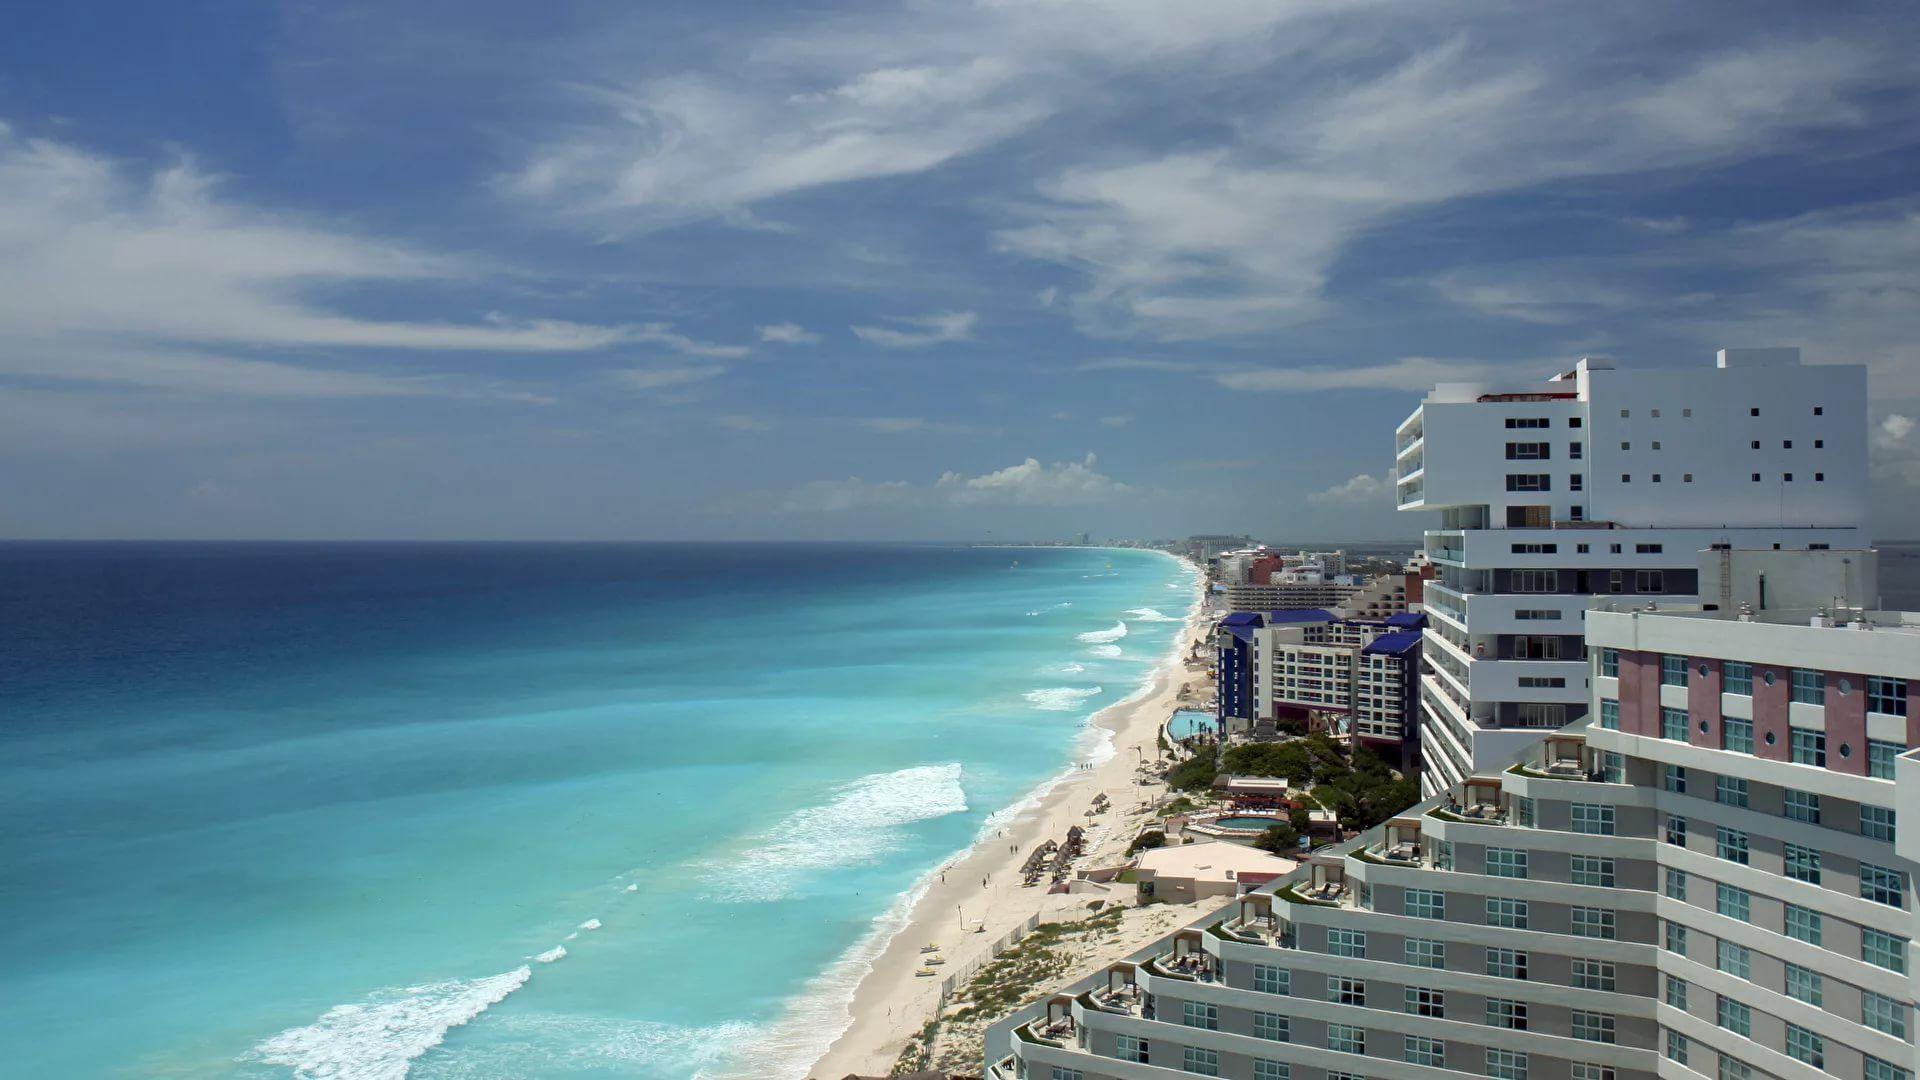 Cancun Mexico HD Desktop Wallpaper